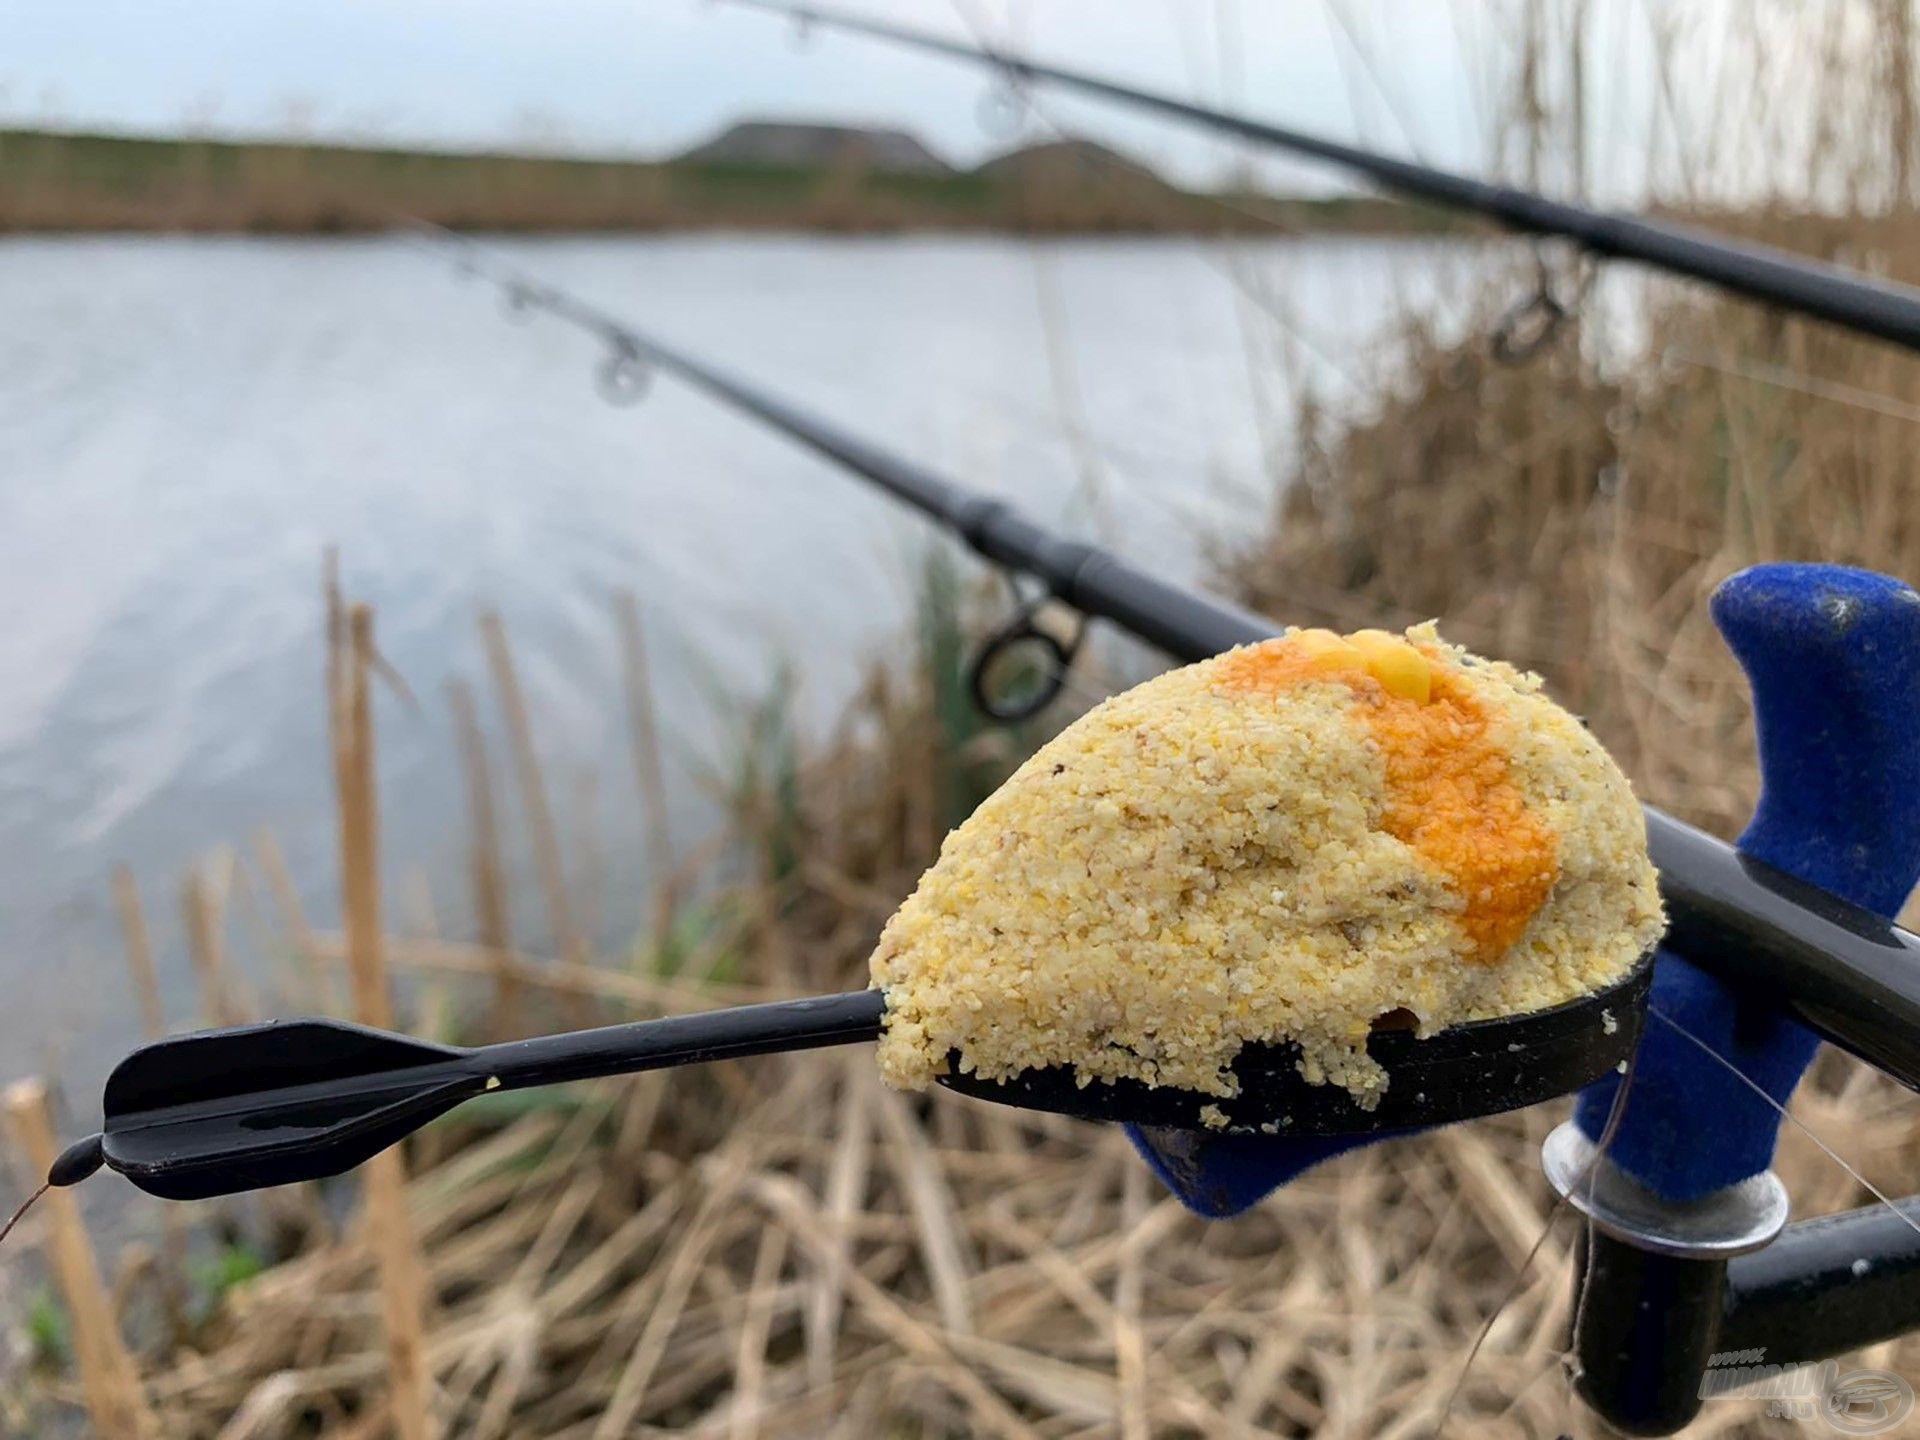 Egy Dart kosárban felkínált ízbomba, amit talán a halak is értékelni fognak…